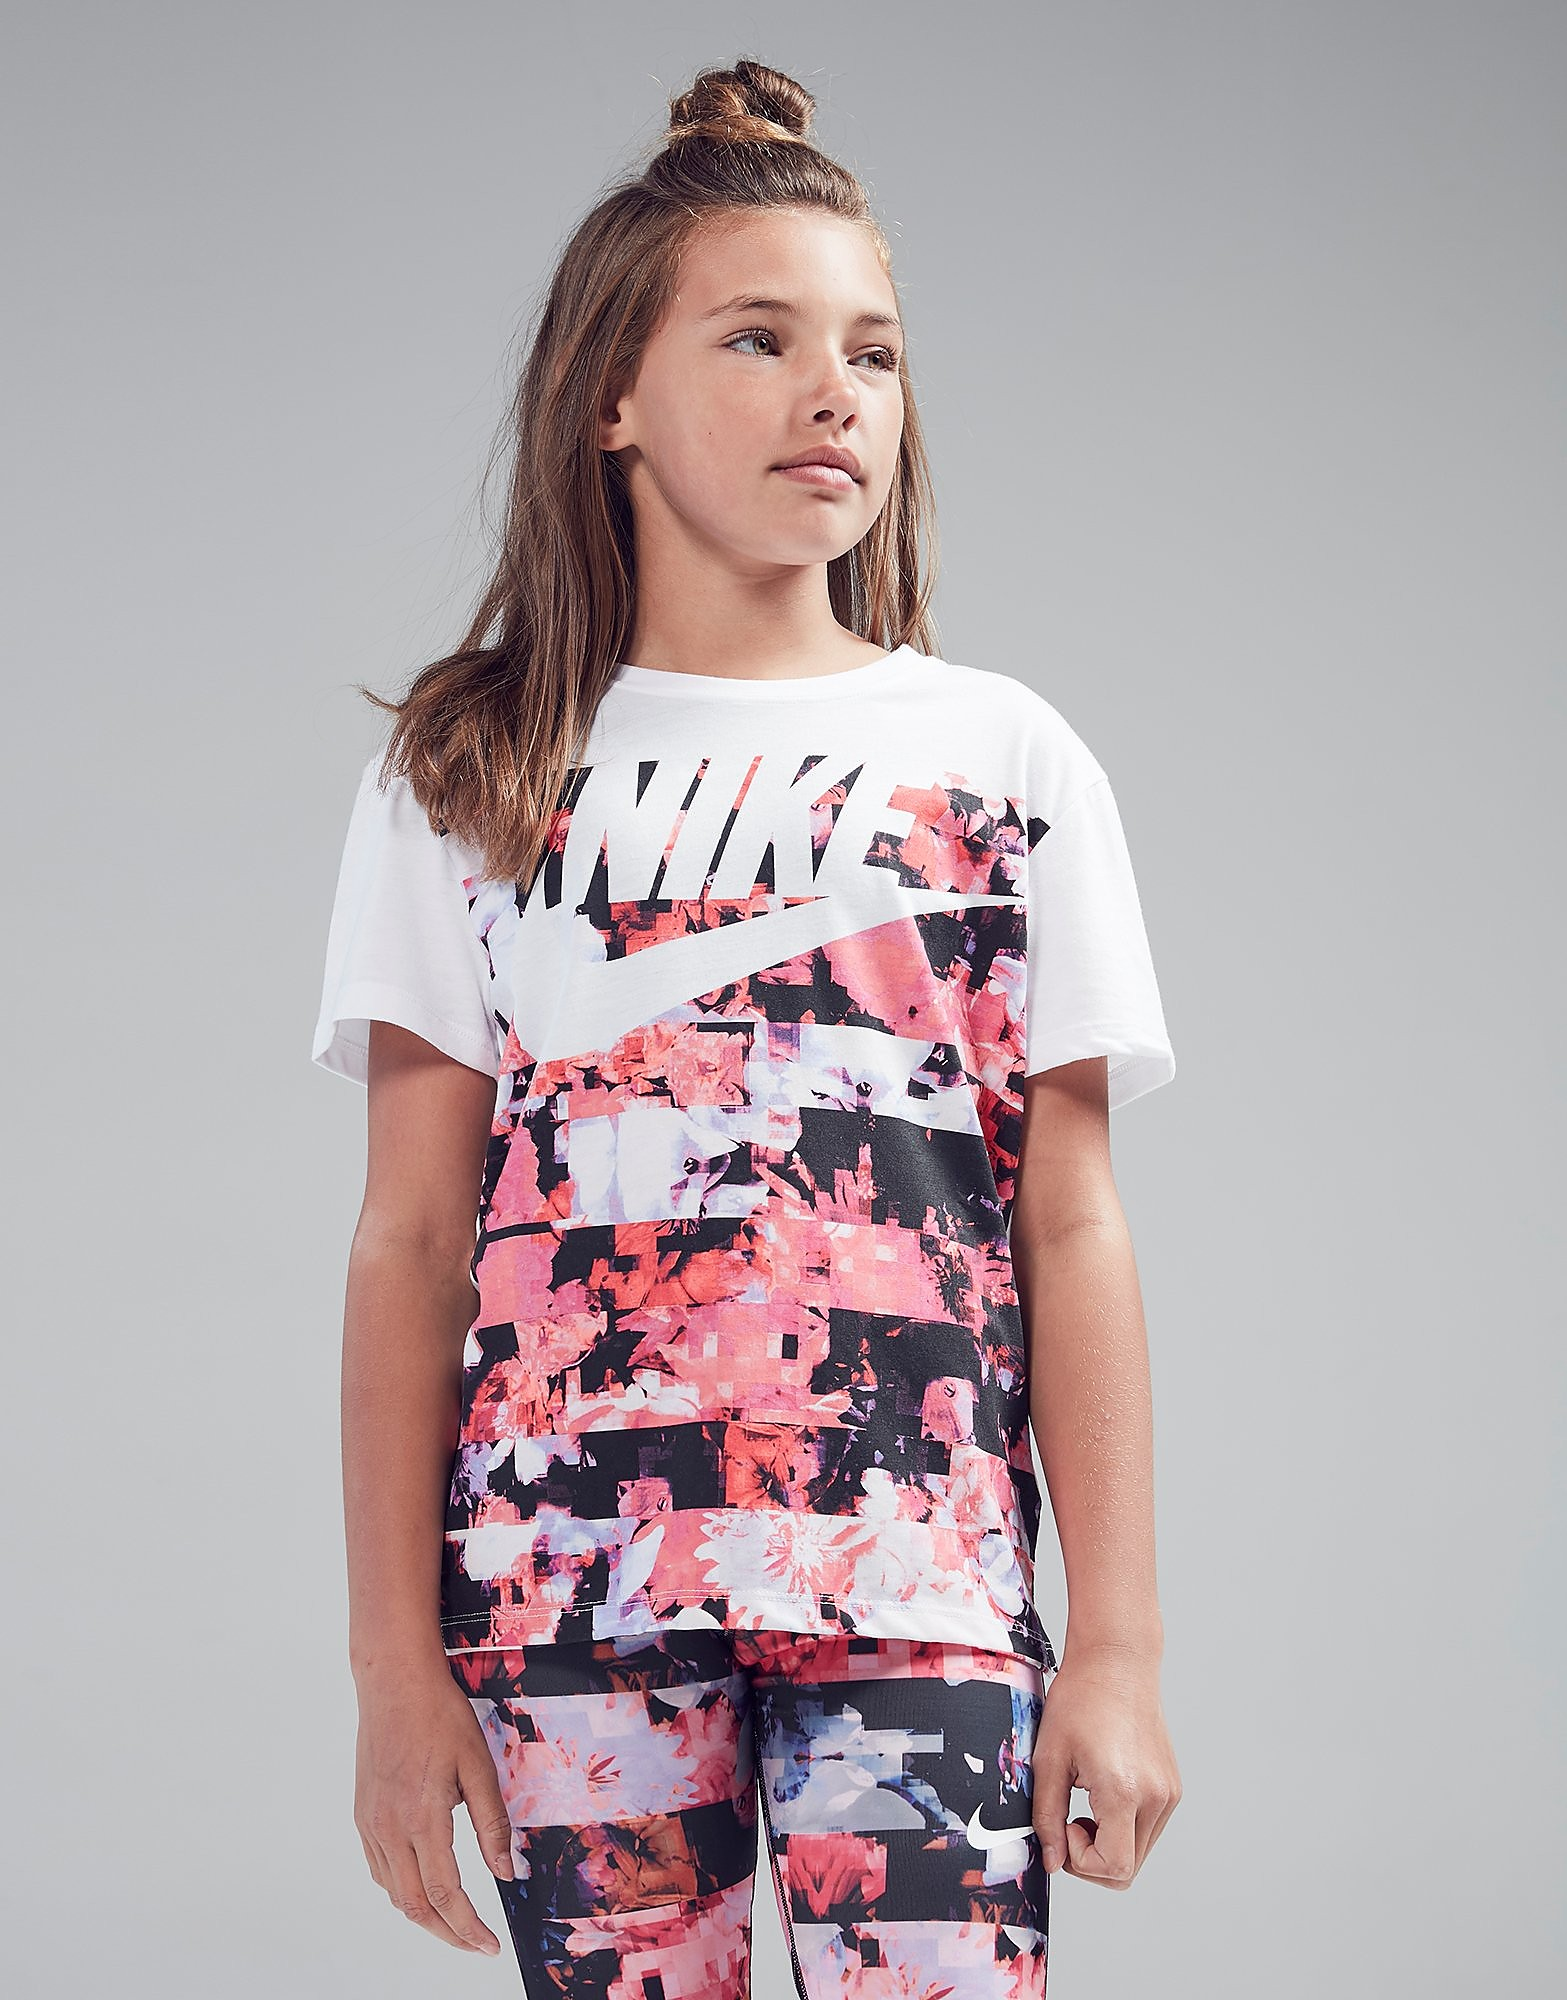 Nike Girls' Dry Flower T-Shirt Junior